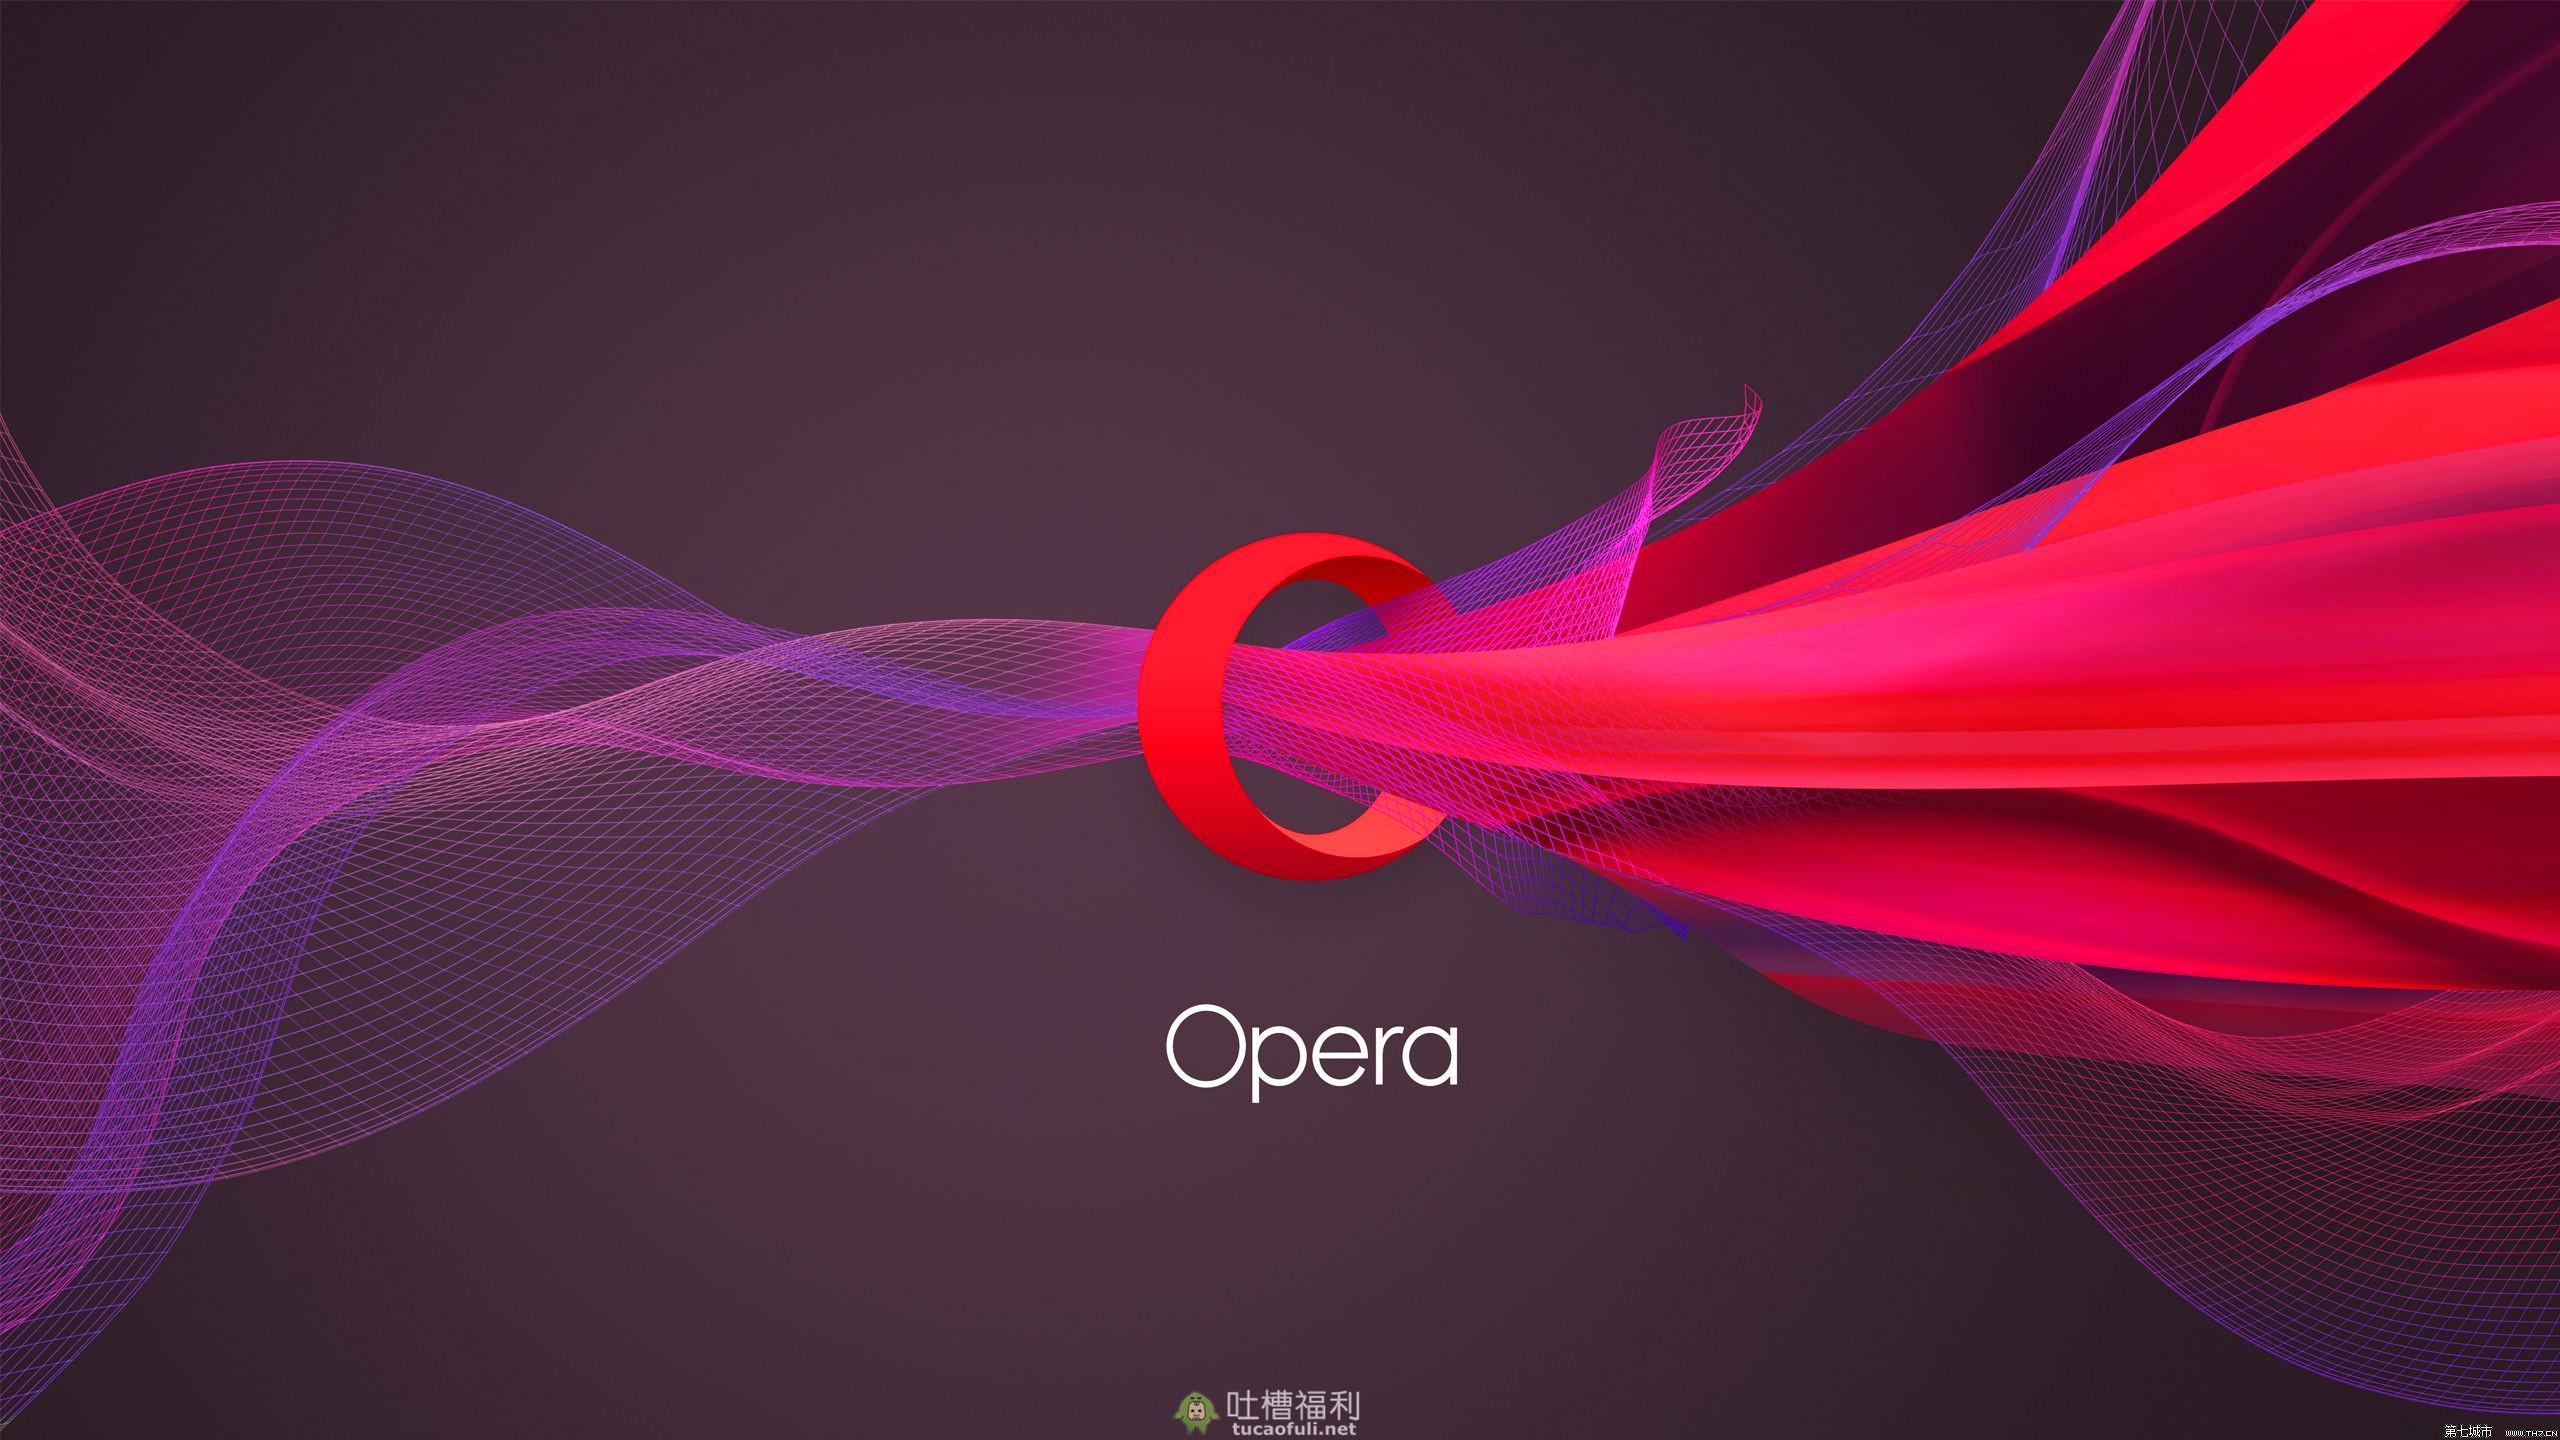 良心推荐!利用Opera浏览器自带功能富强,免费无限制-吐槽福利